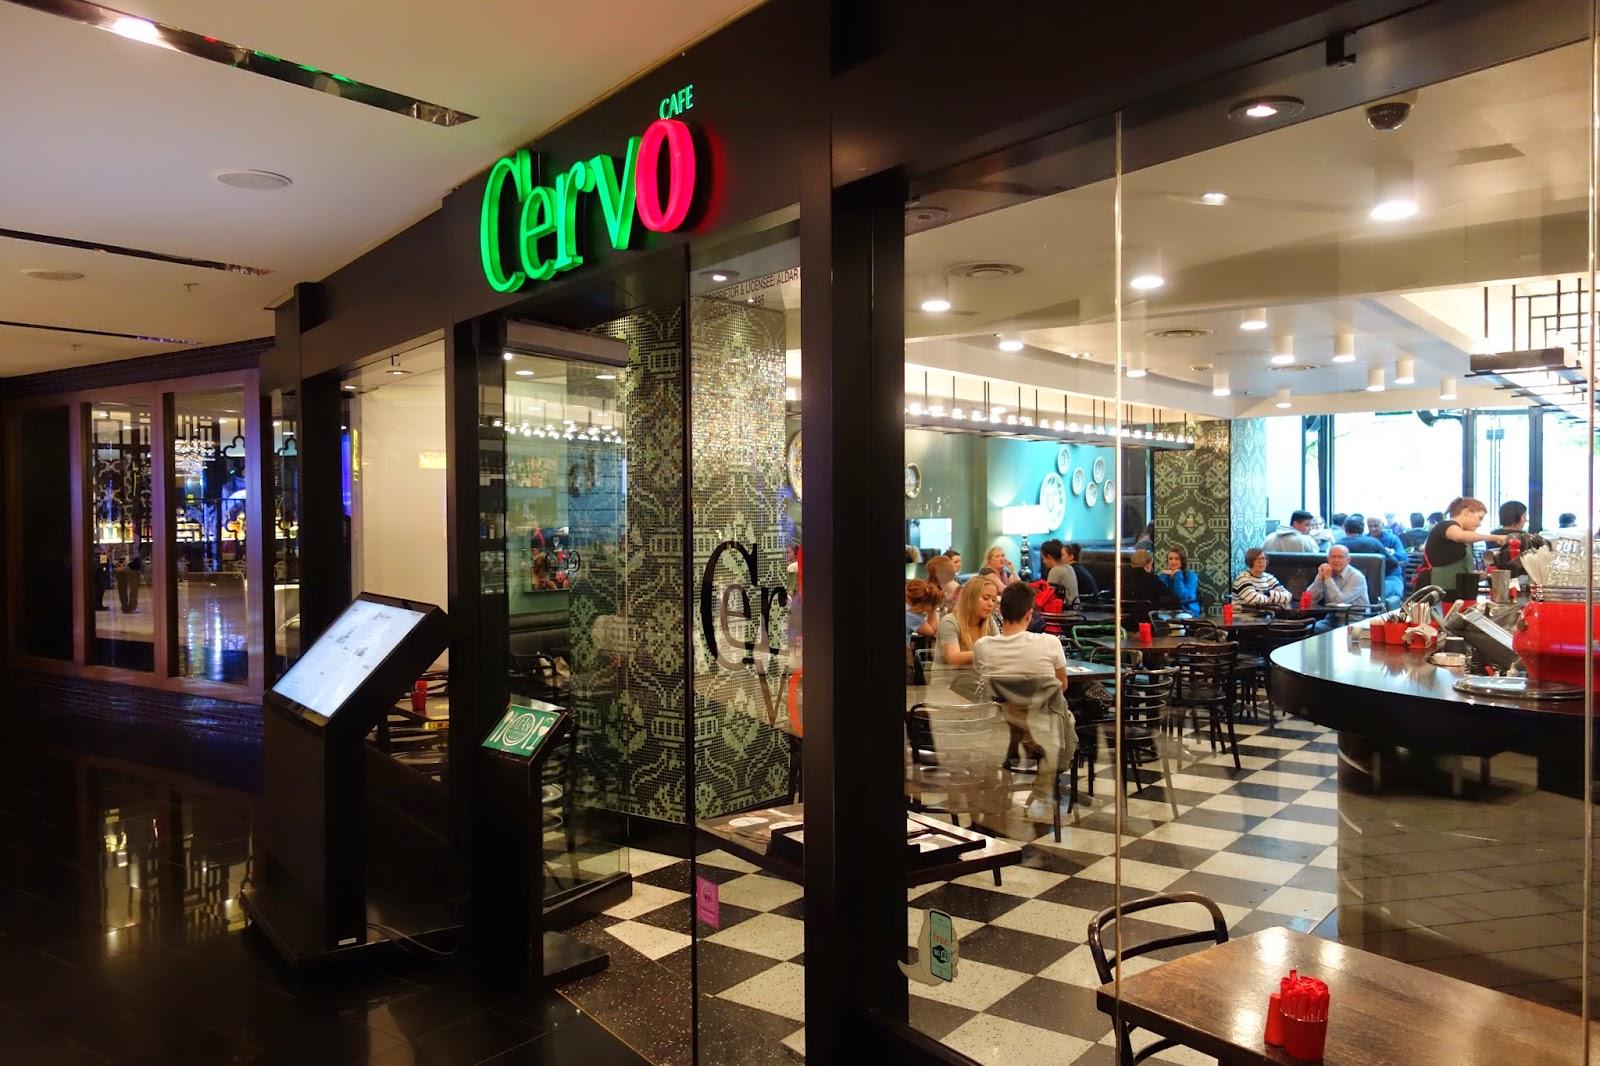 Cervo Crown Casino